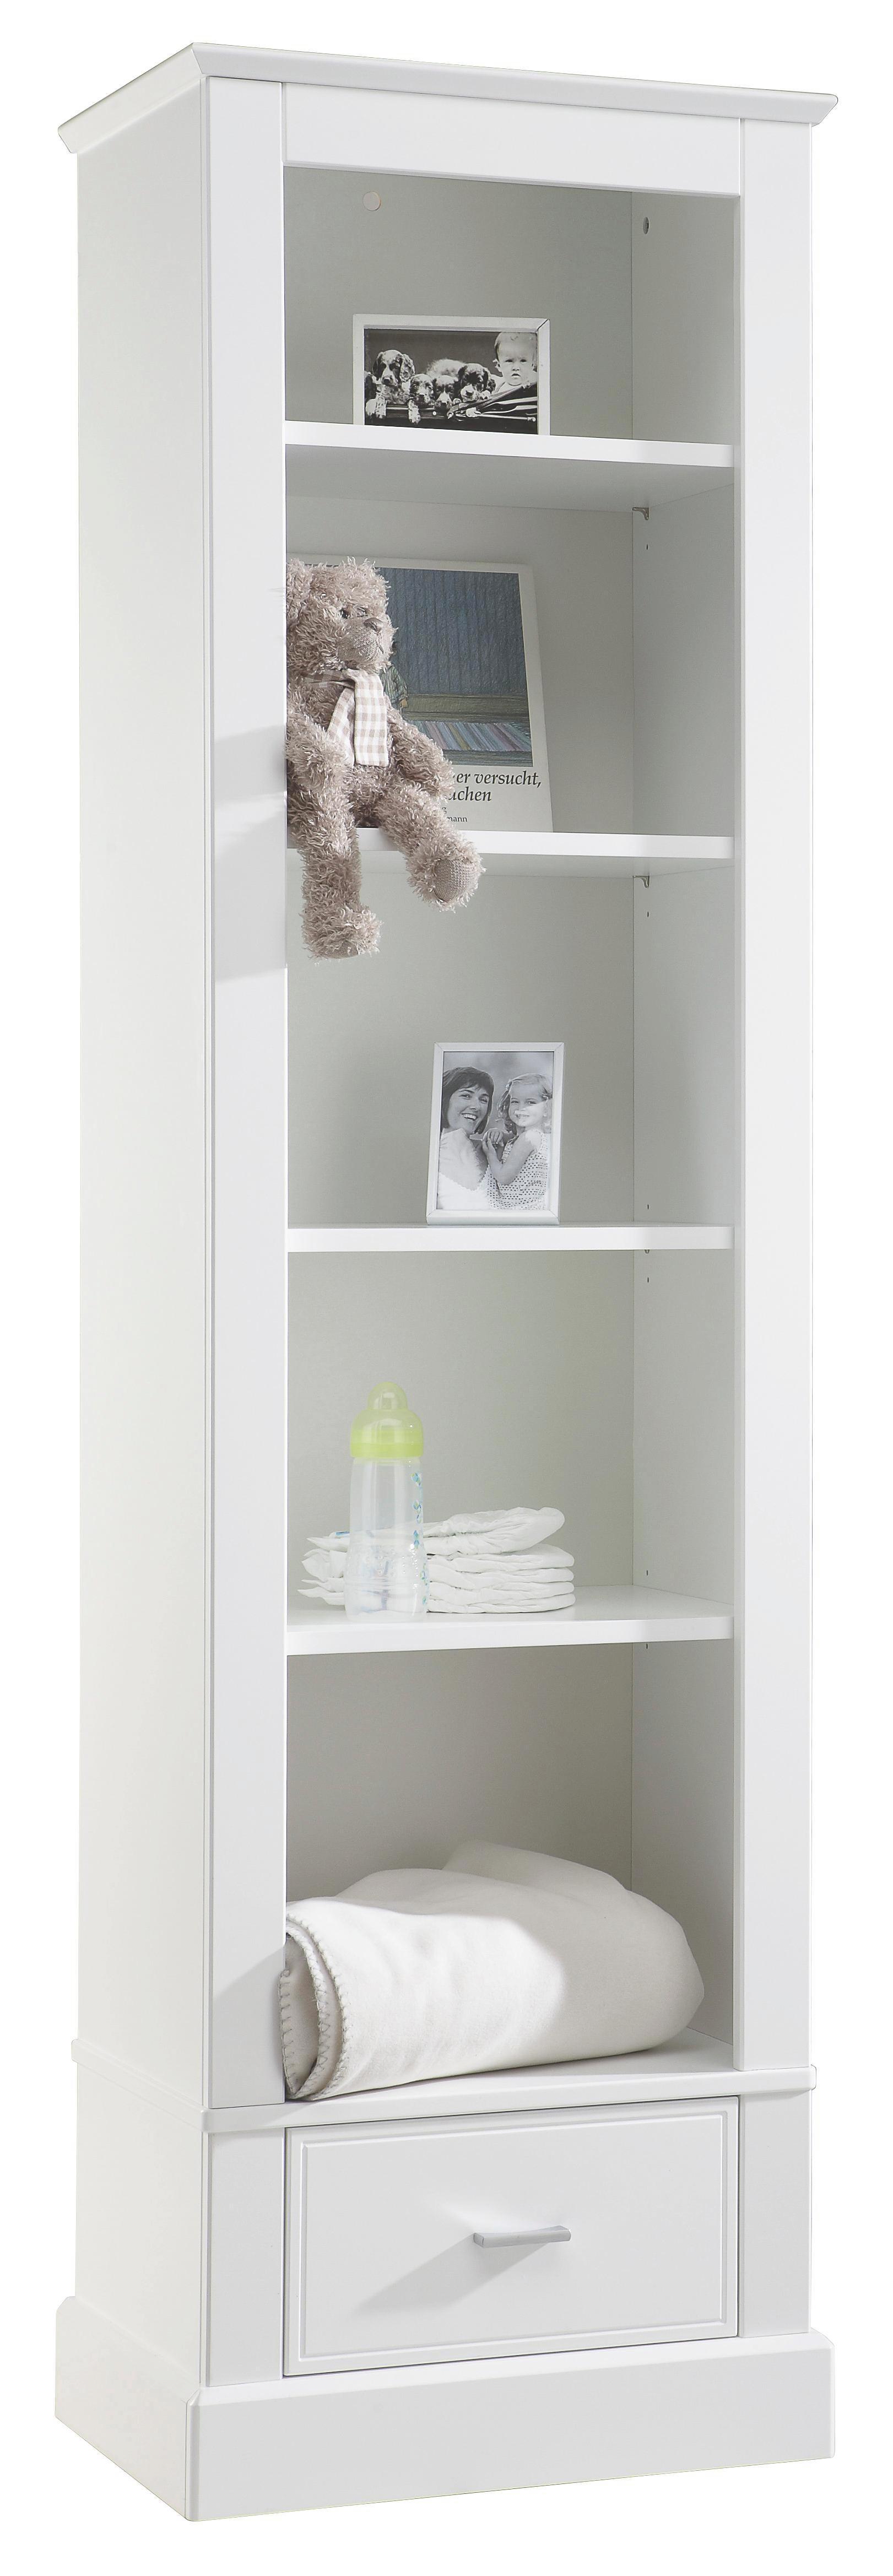 BABYREGAL Isolde Weiß - Alufarben/Weiß, Basics, Holzwerkstoff/Metall (54/192/41cm) - JIMMYLEE